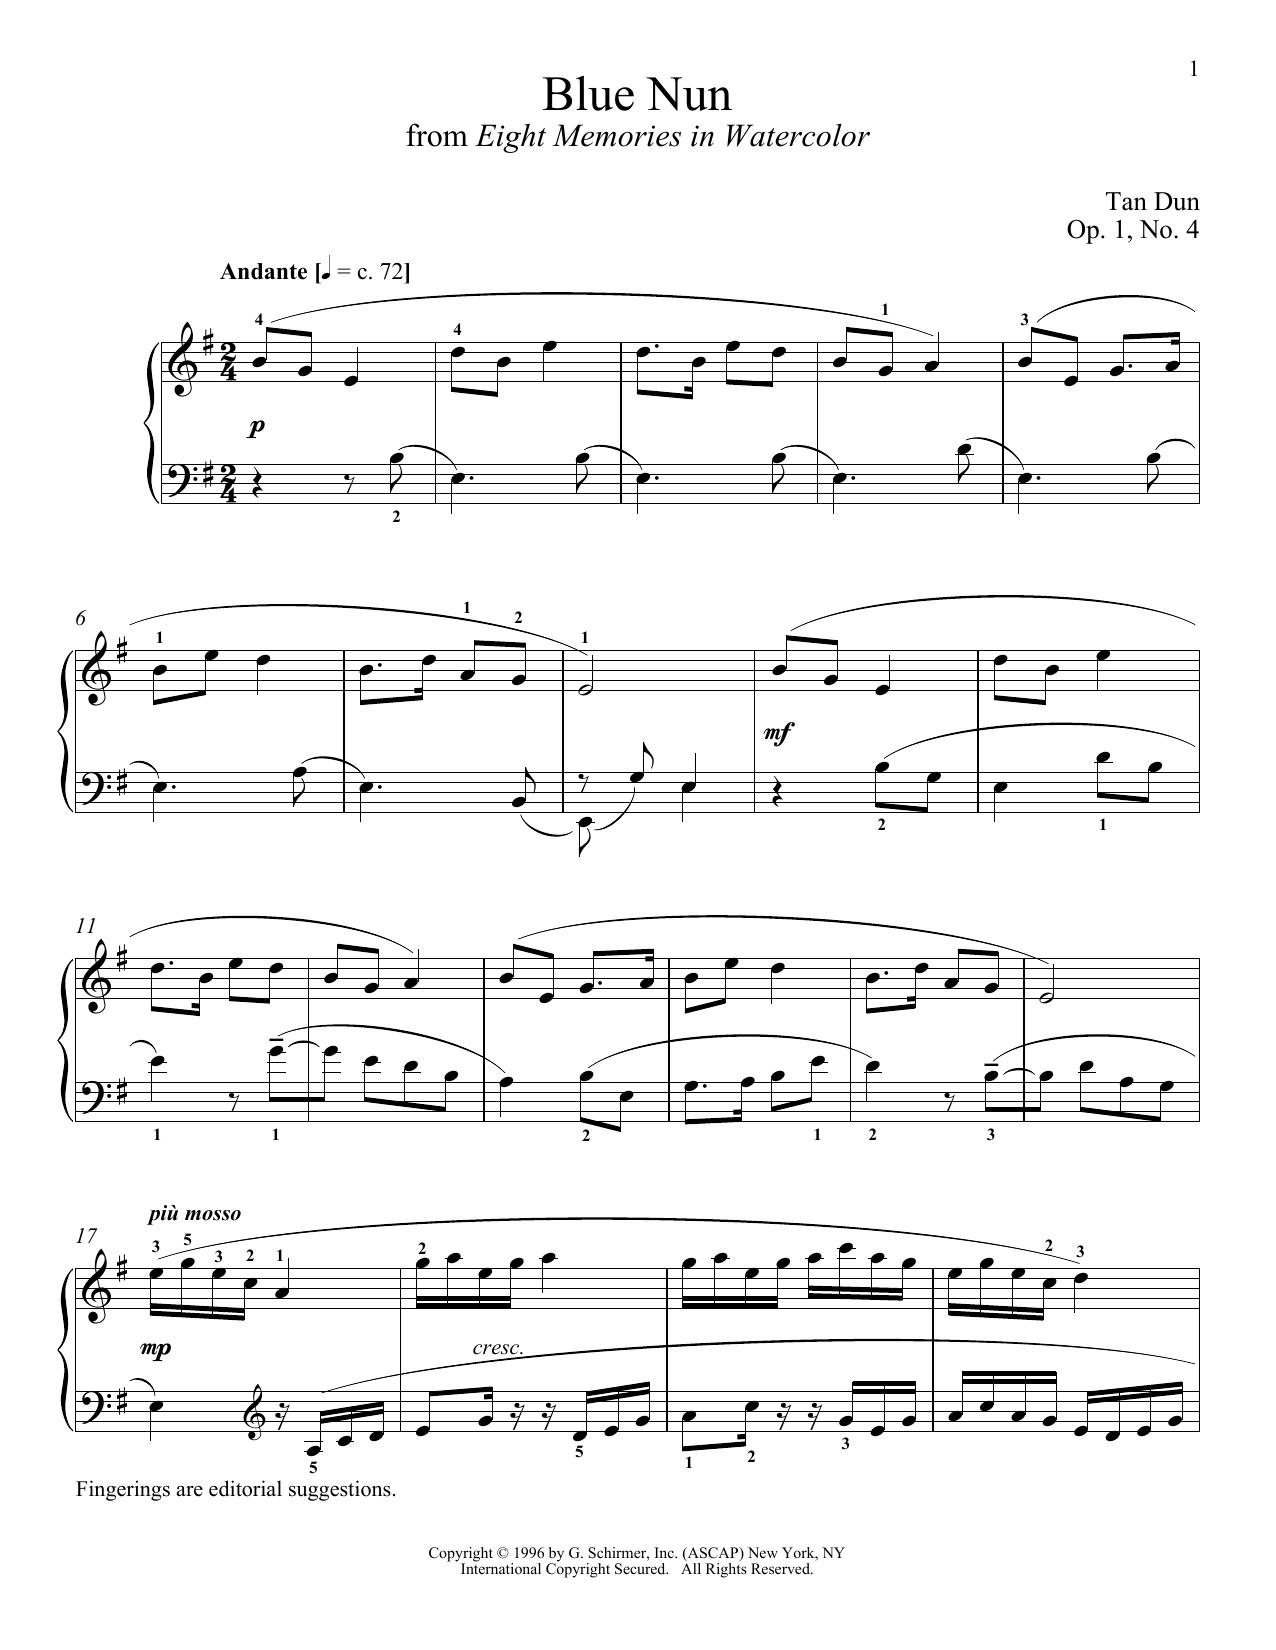 Tan Dun Blue Nun sheet music notes and chords